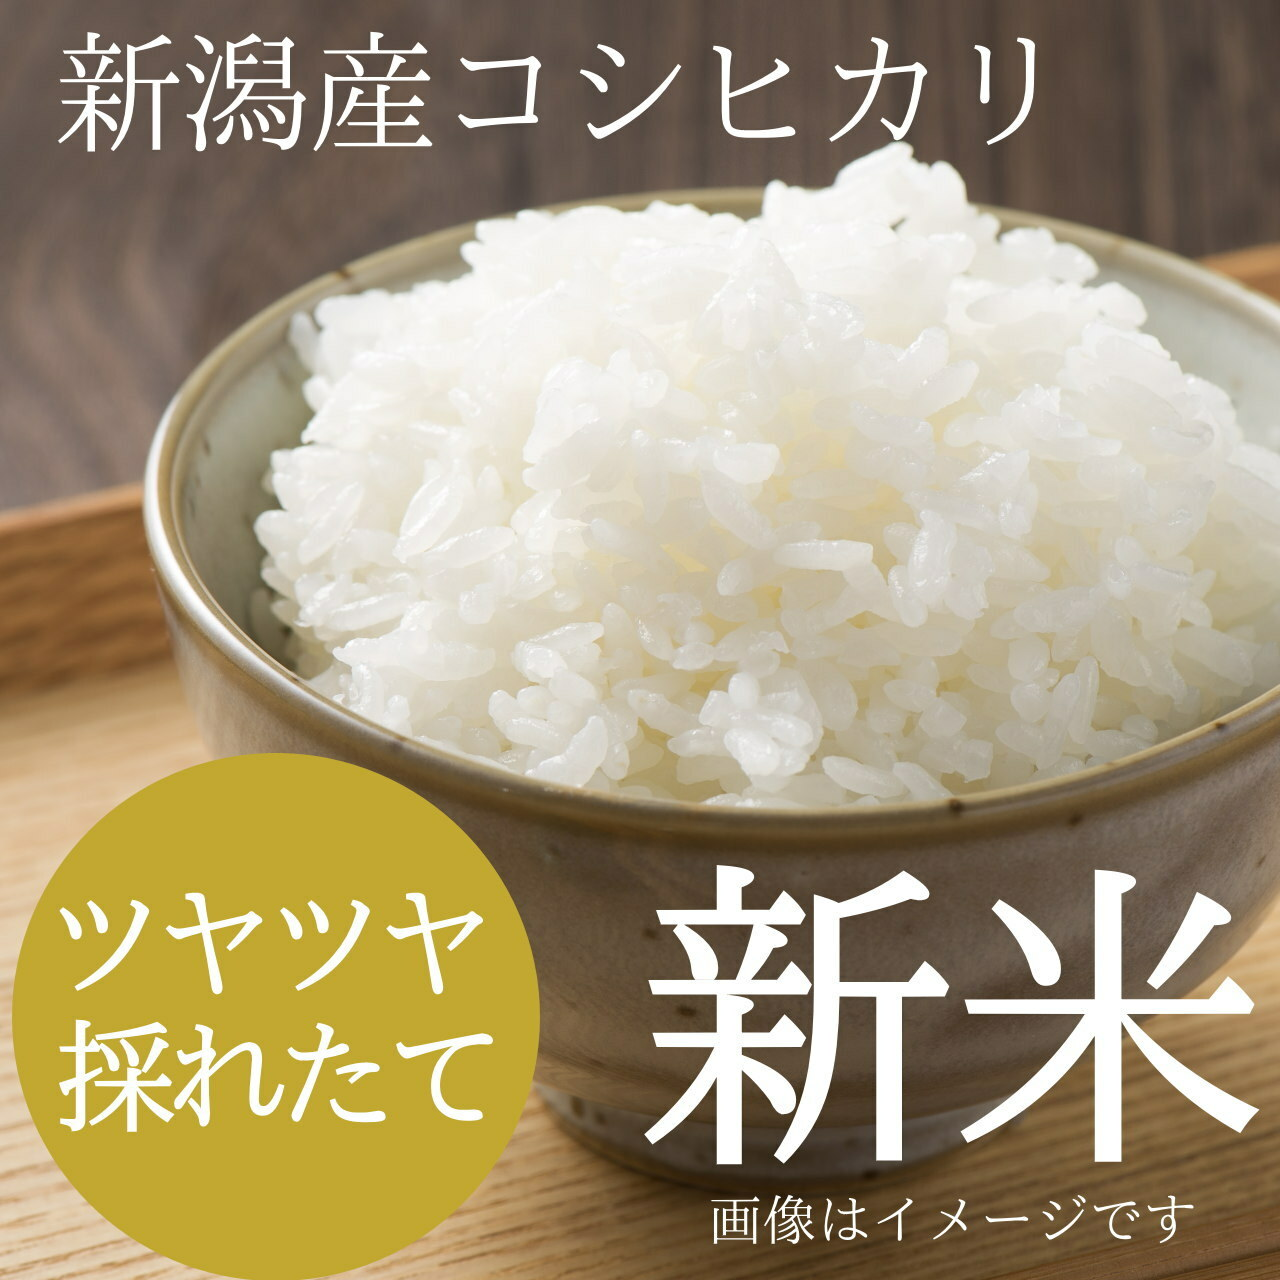 新米 新潟コシヒカリ 10kg (10キロ)新潟米 精白米 農家のお米 2020年 新潟県阿賀野産